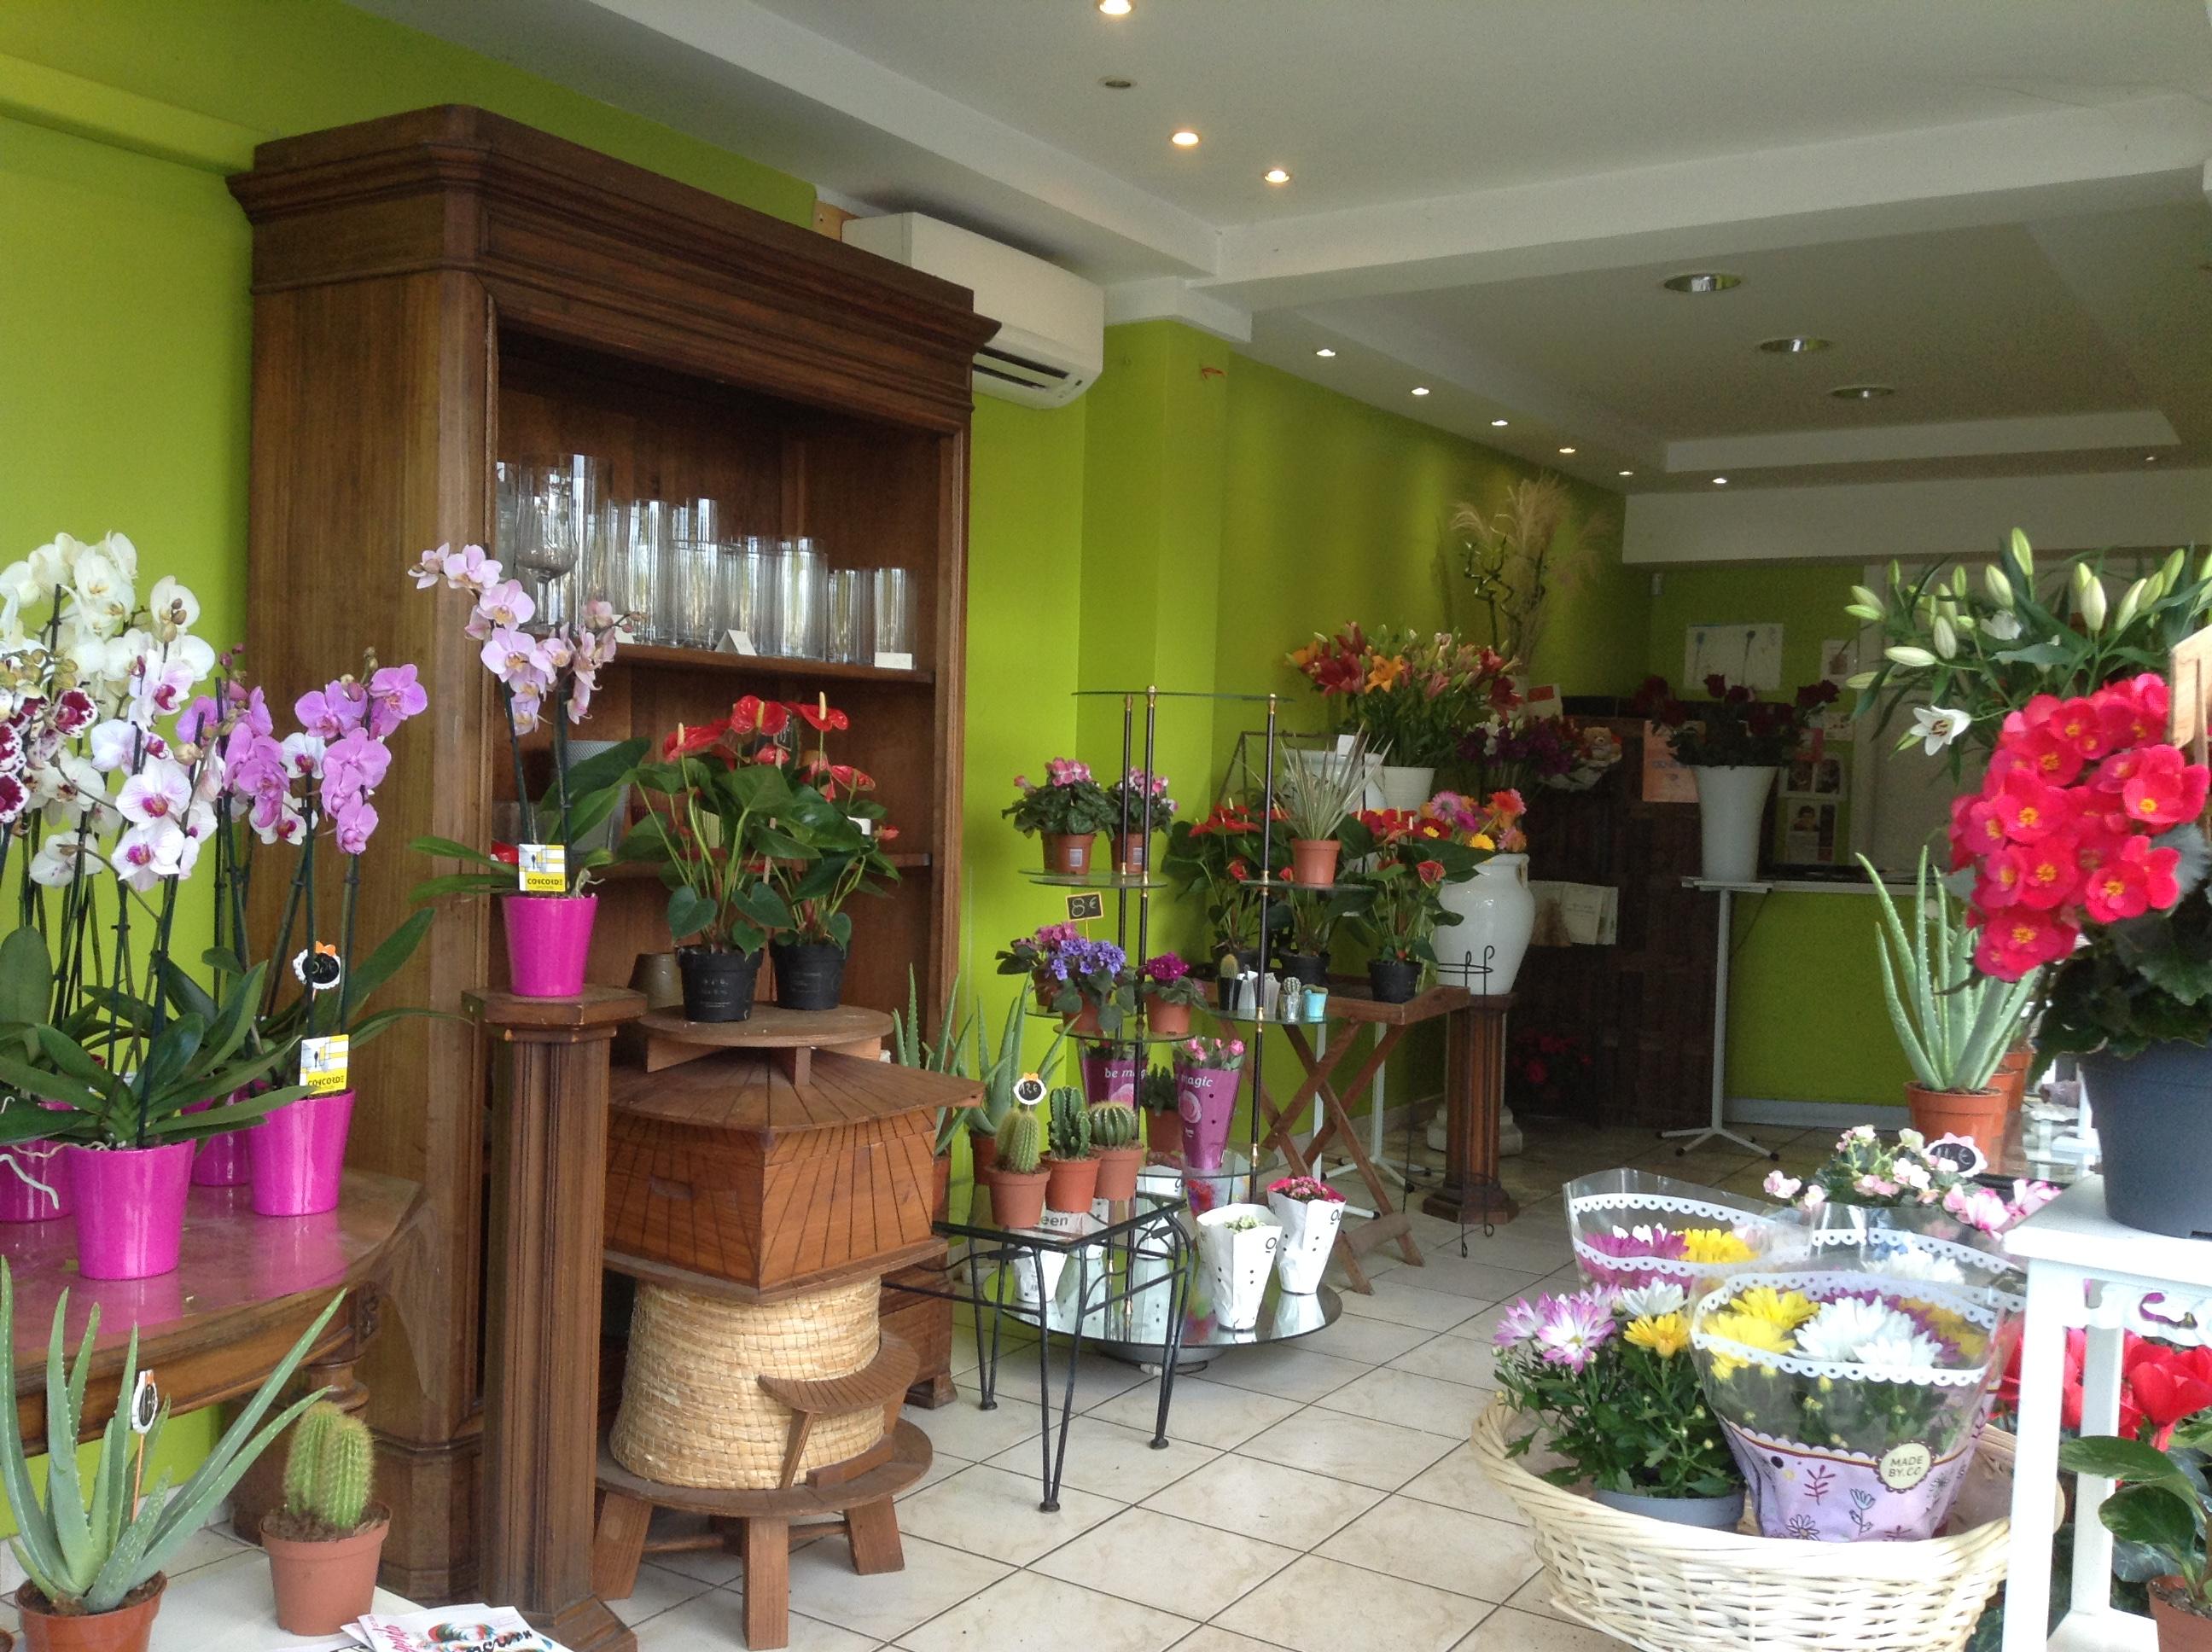 Vente Local commercial actuellement Fleuriste, 60 m2 à Massy dans le centre ville (91300)